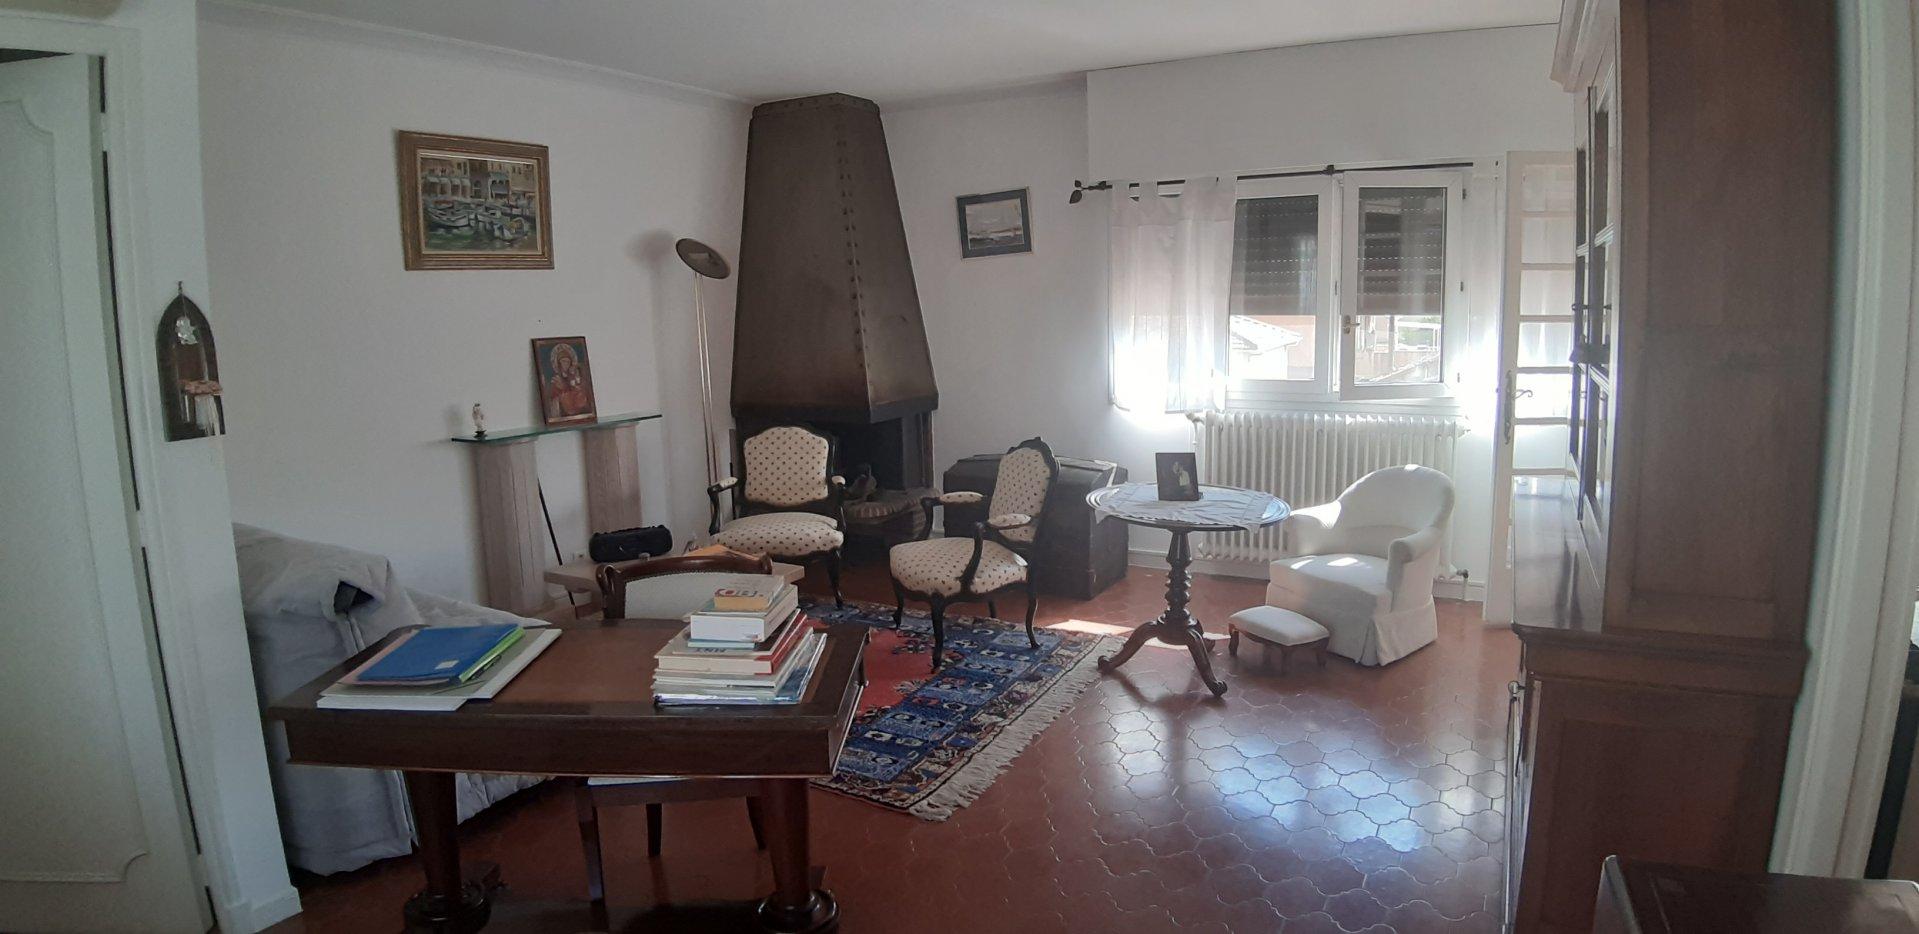 Appartement au 1er étage d'une maison